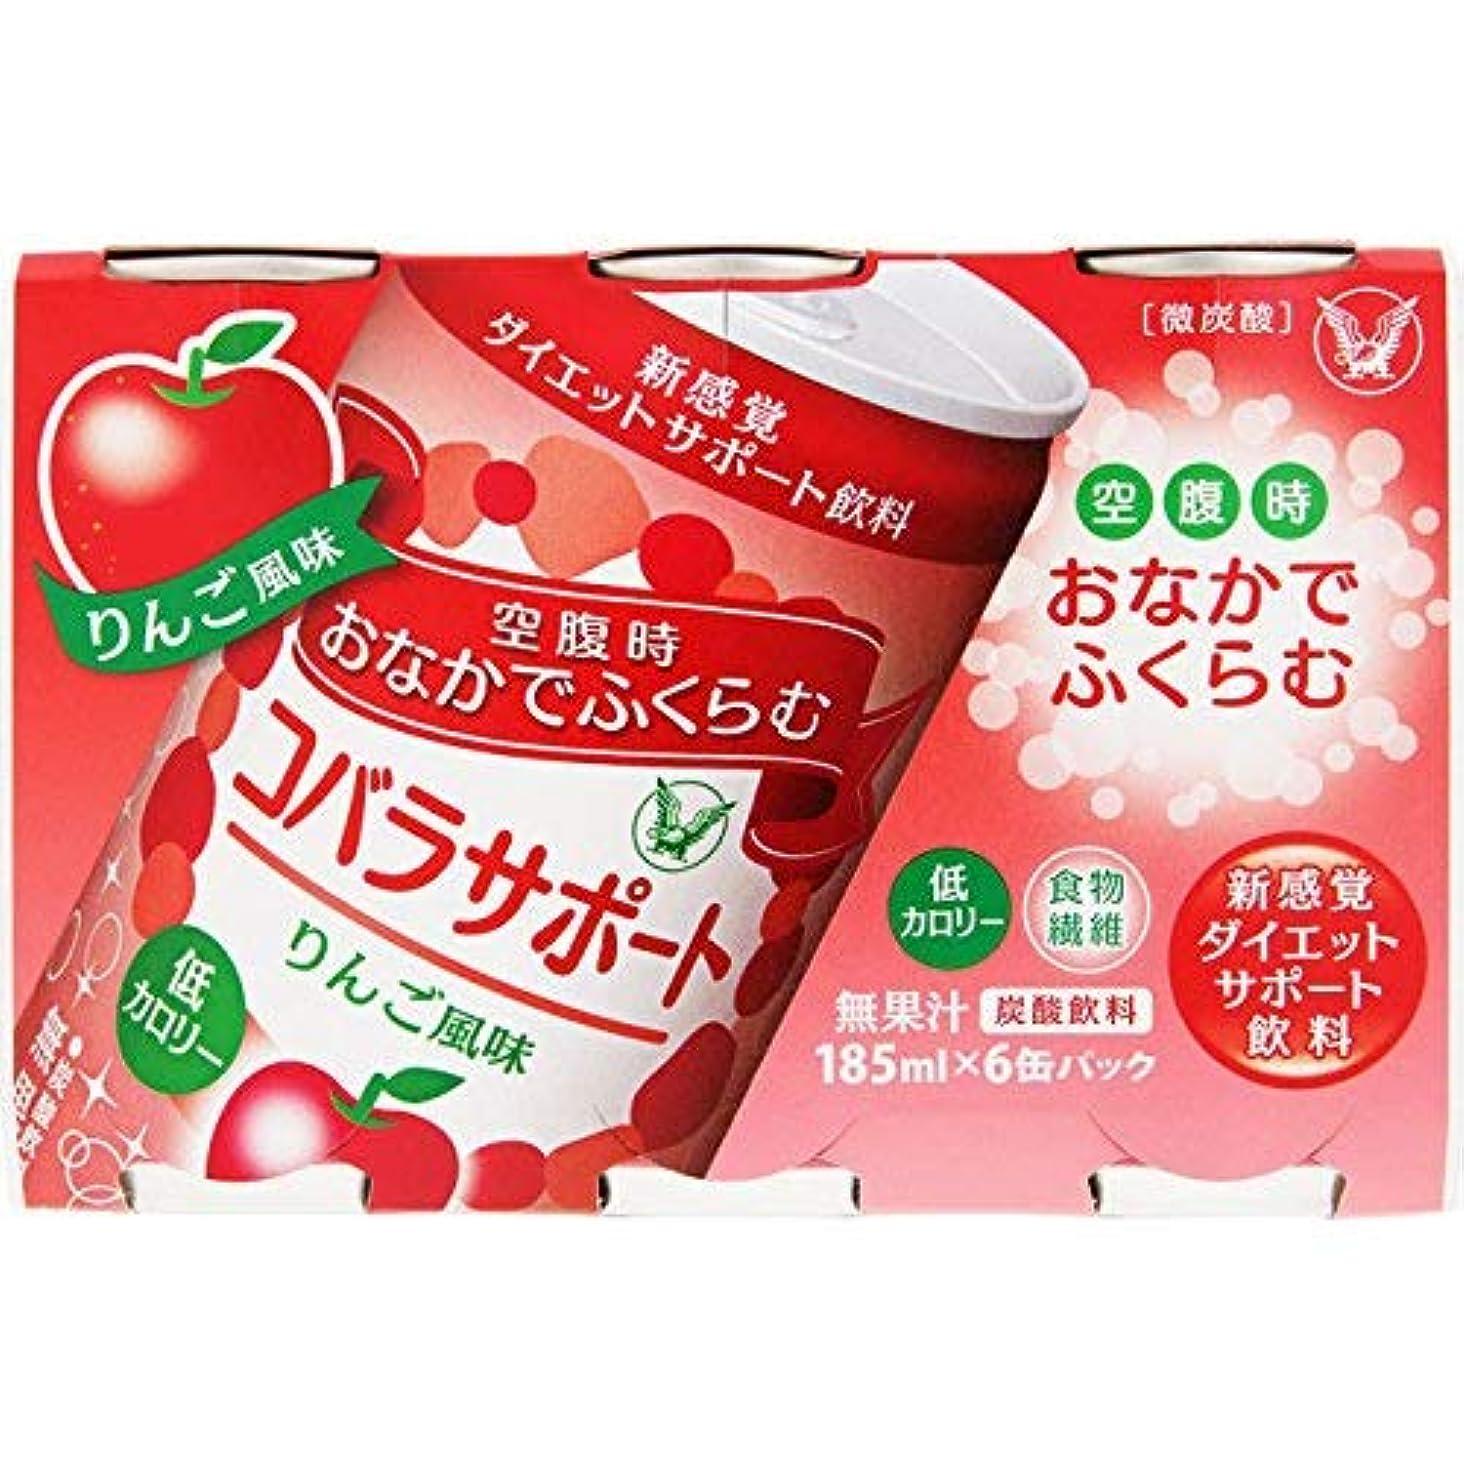 アピール一貫した激怒大正製薬 コバラサポート りんご風味 6缶